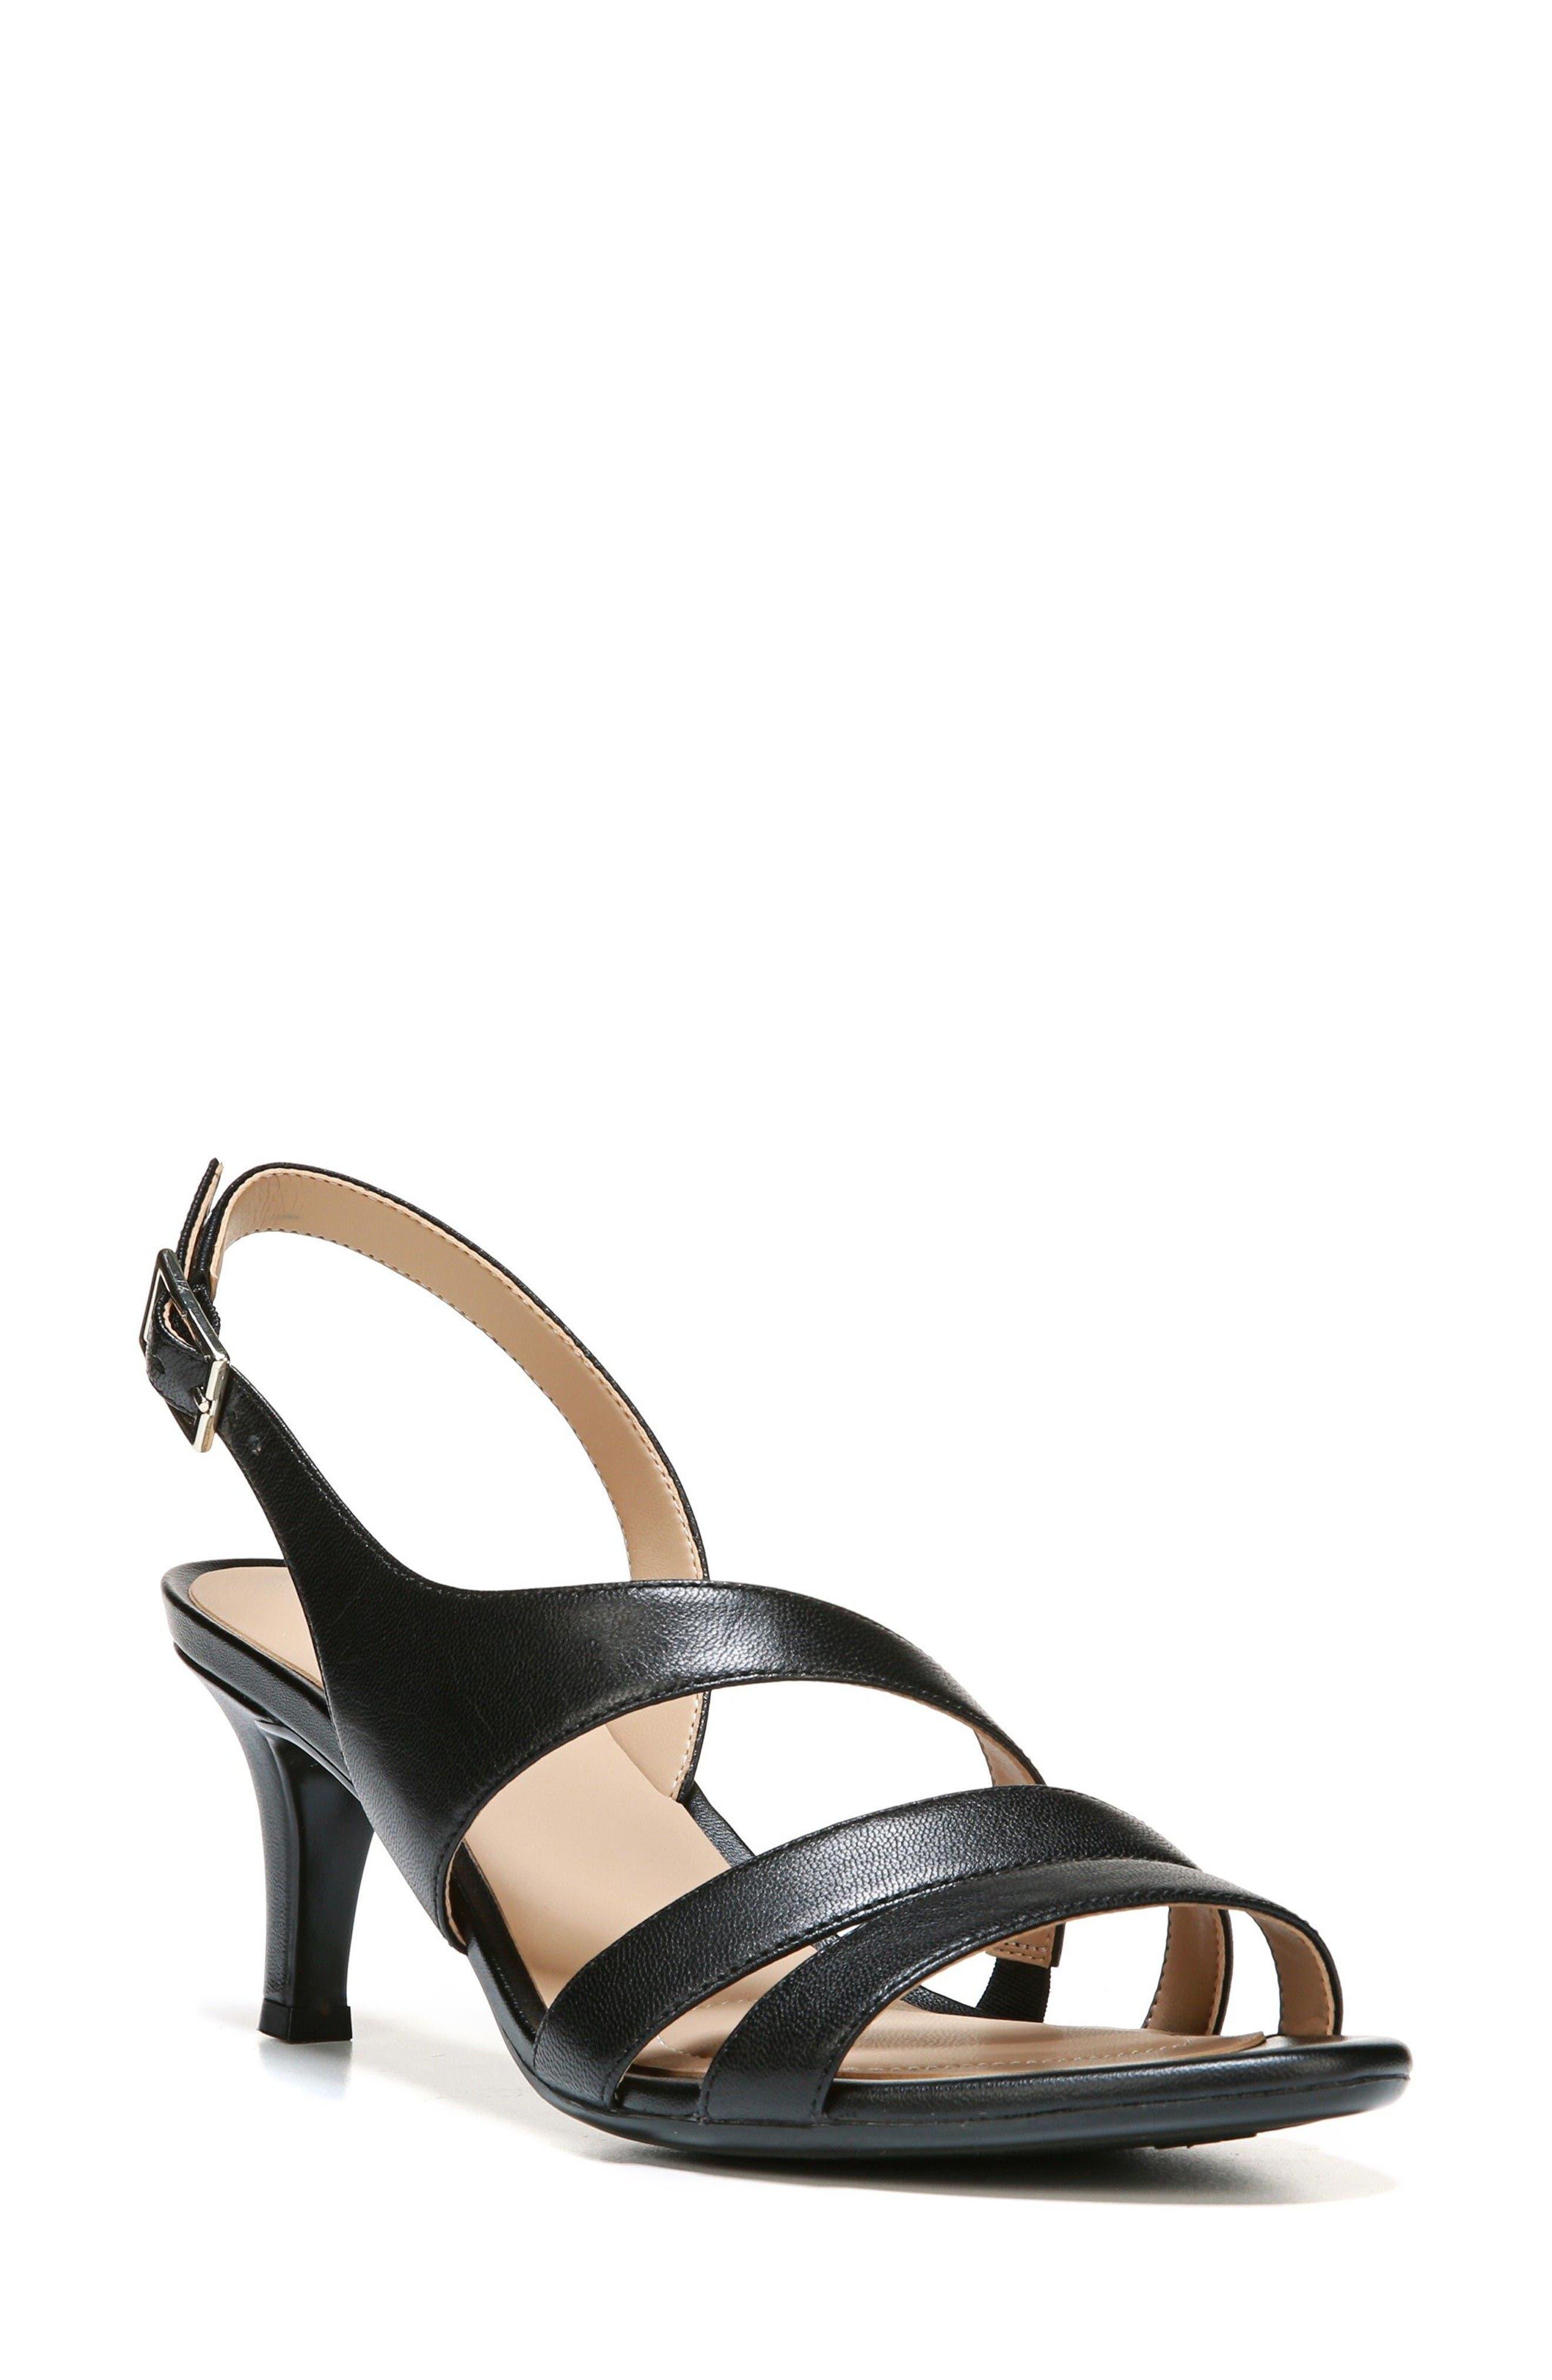 Taimi Sandal,                             Main thumbnail 1, color,                             Black Leather